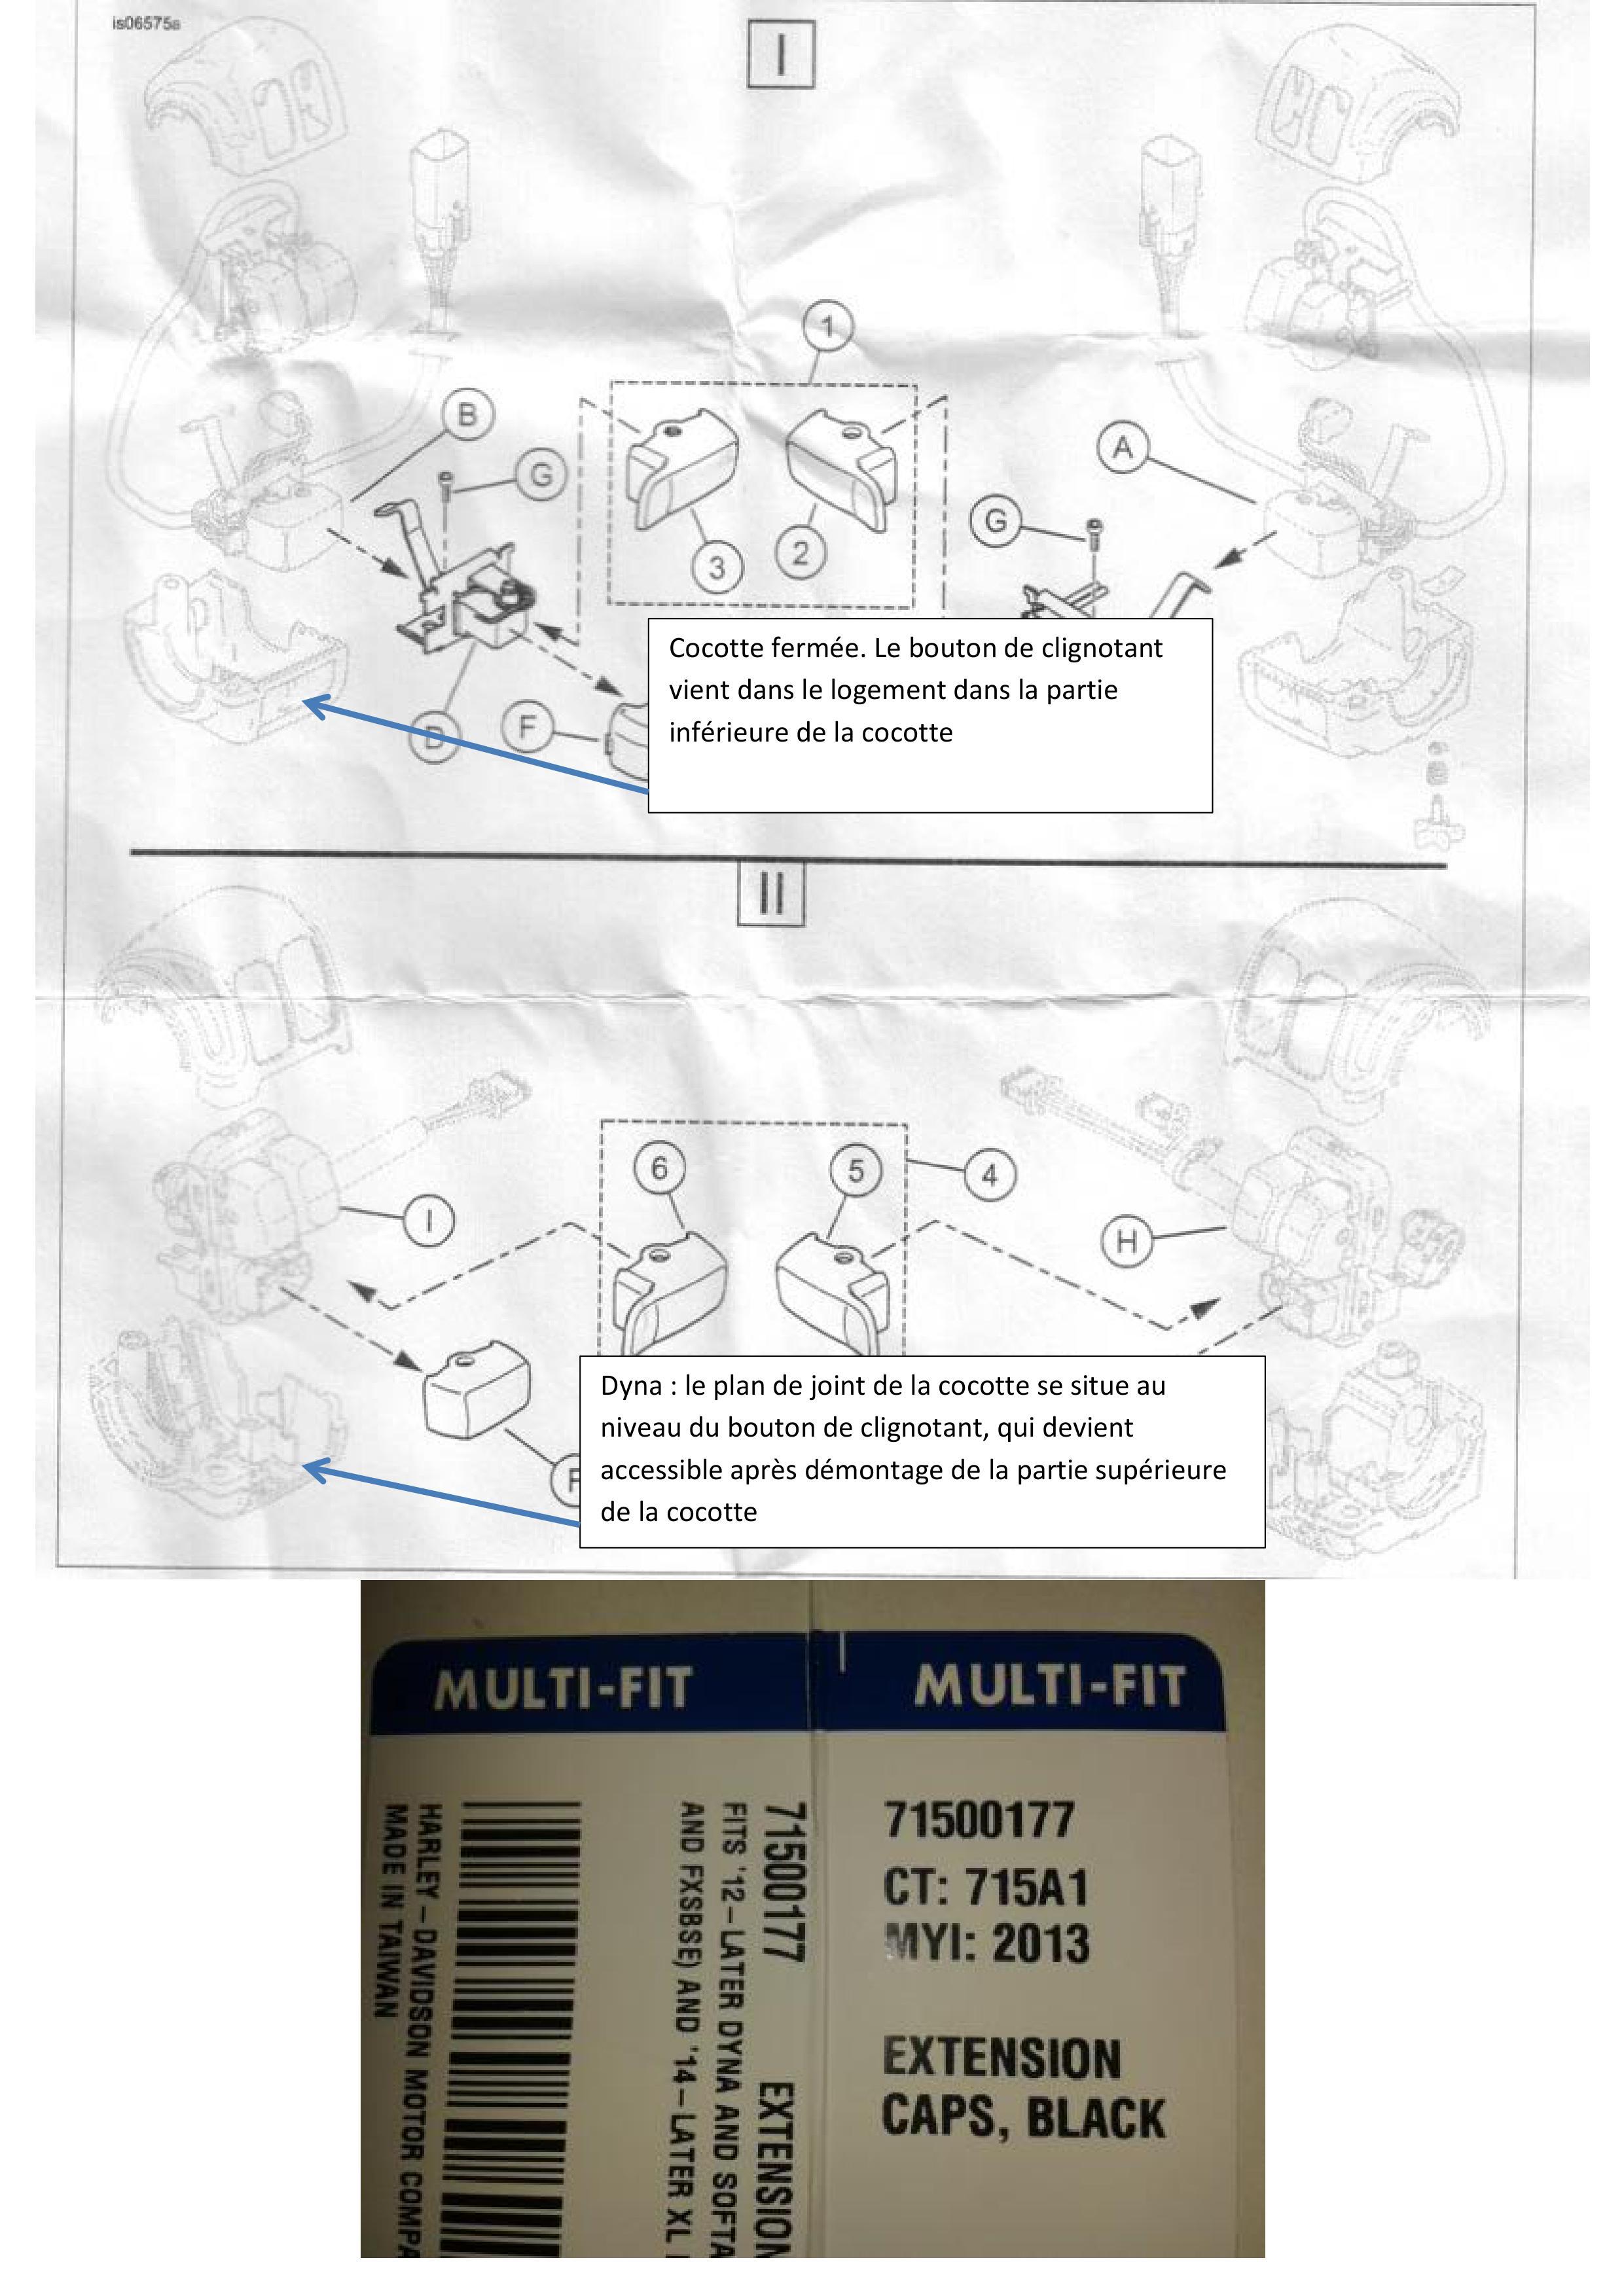 extension de boutons de cligno sporster  - Page 2 9640250001